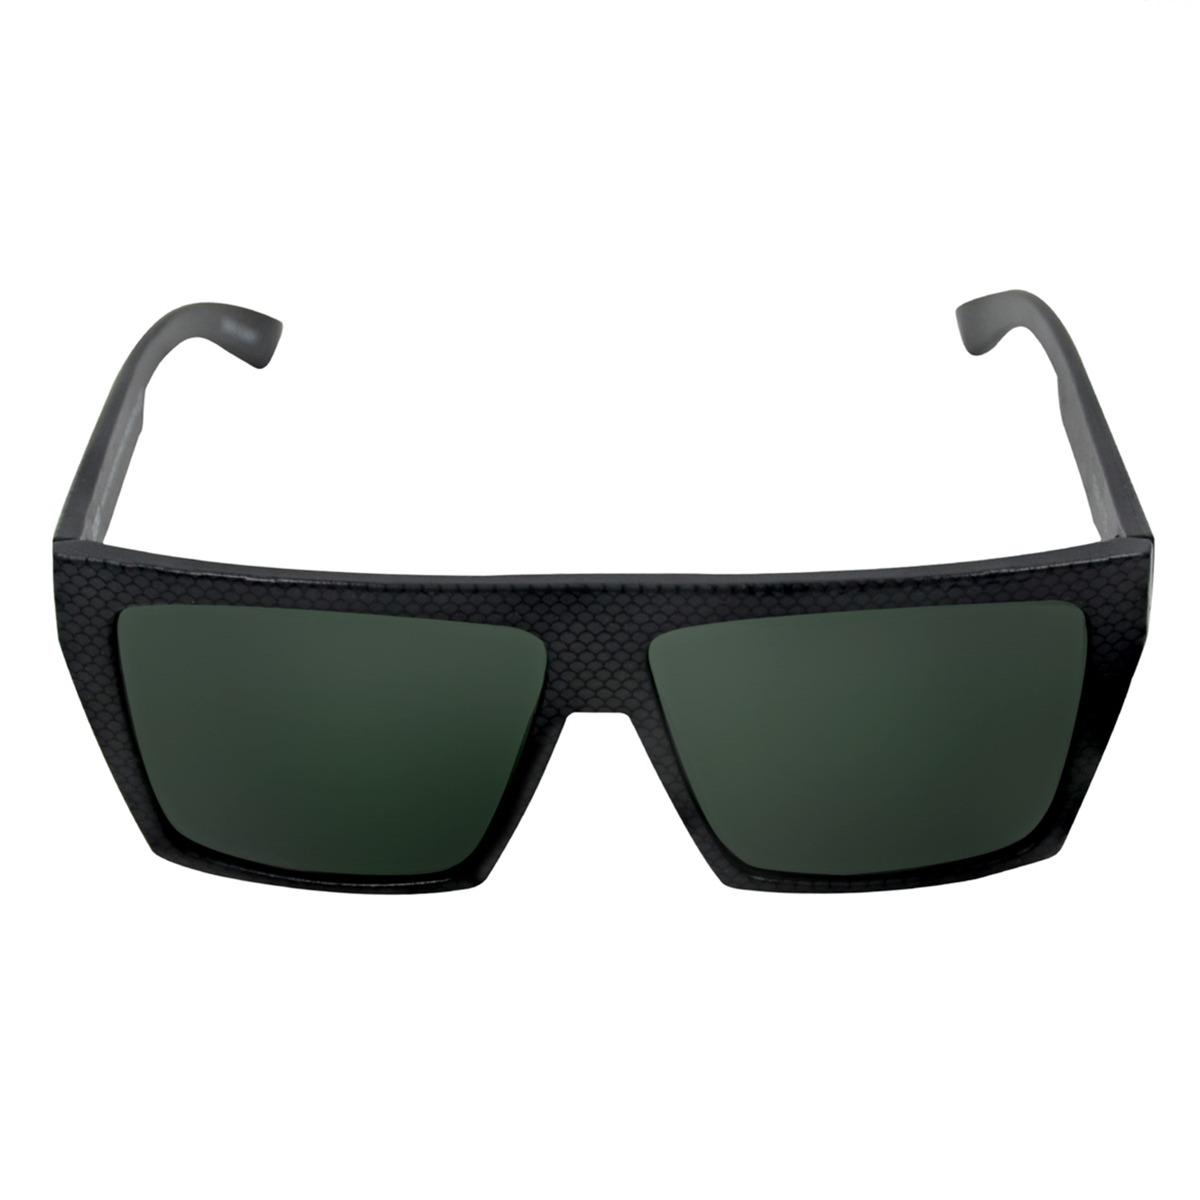 Óculos Evoke 15 Signo 1 Cinza - R  492,80 em Mercado Livre 6074a79c26